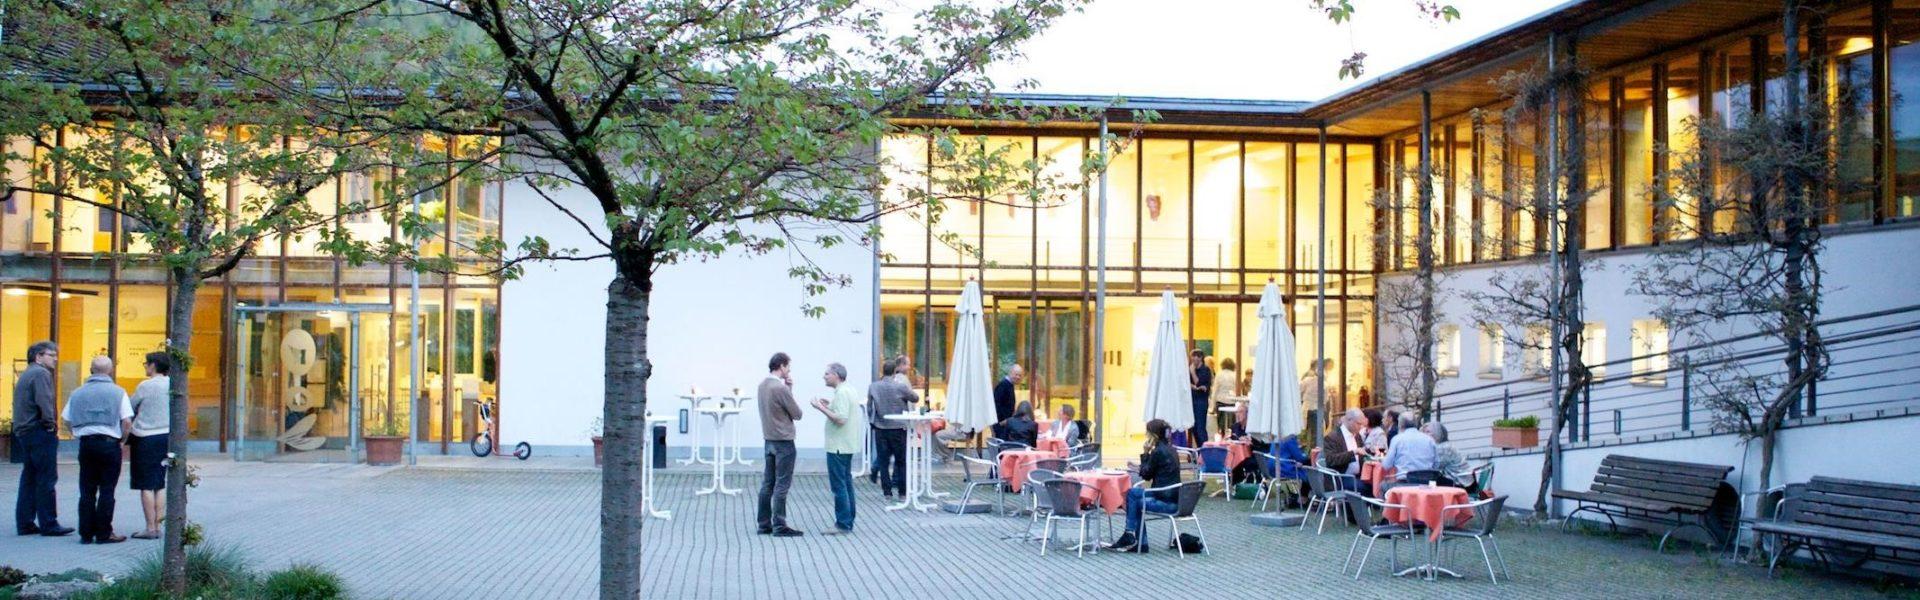 Lernräume (c) Jugend- und Bildungshaus St.Arbogast